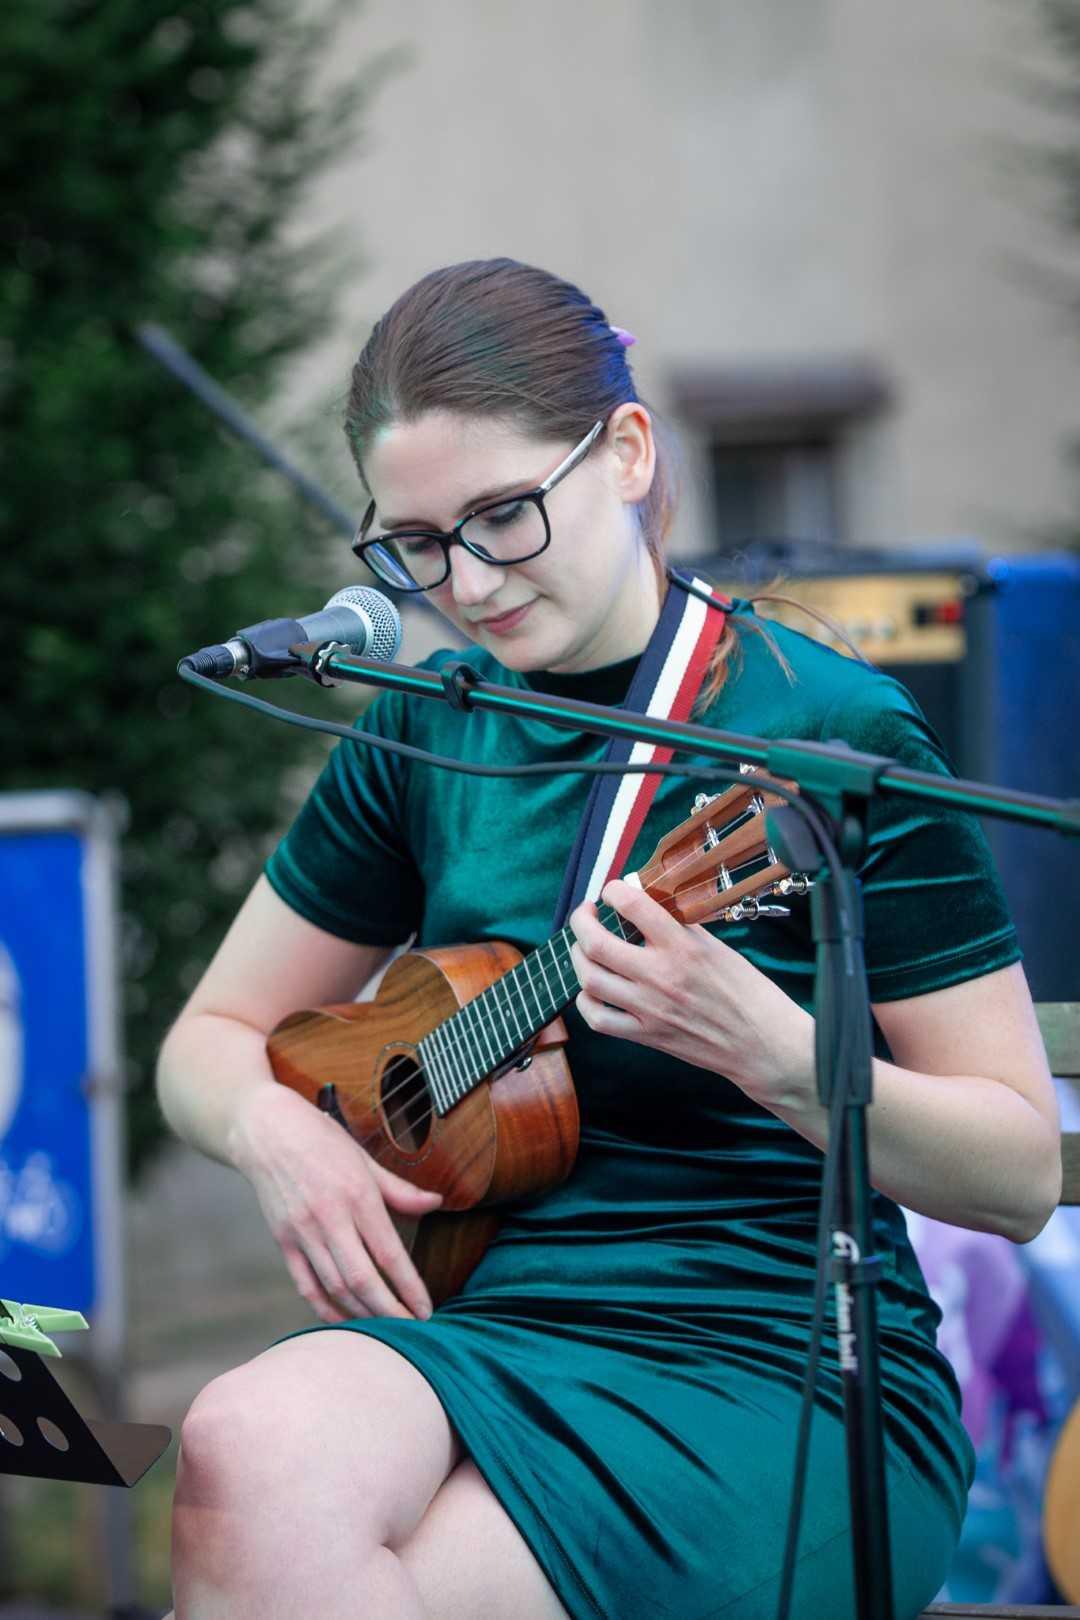 učenje ukulele